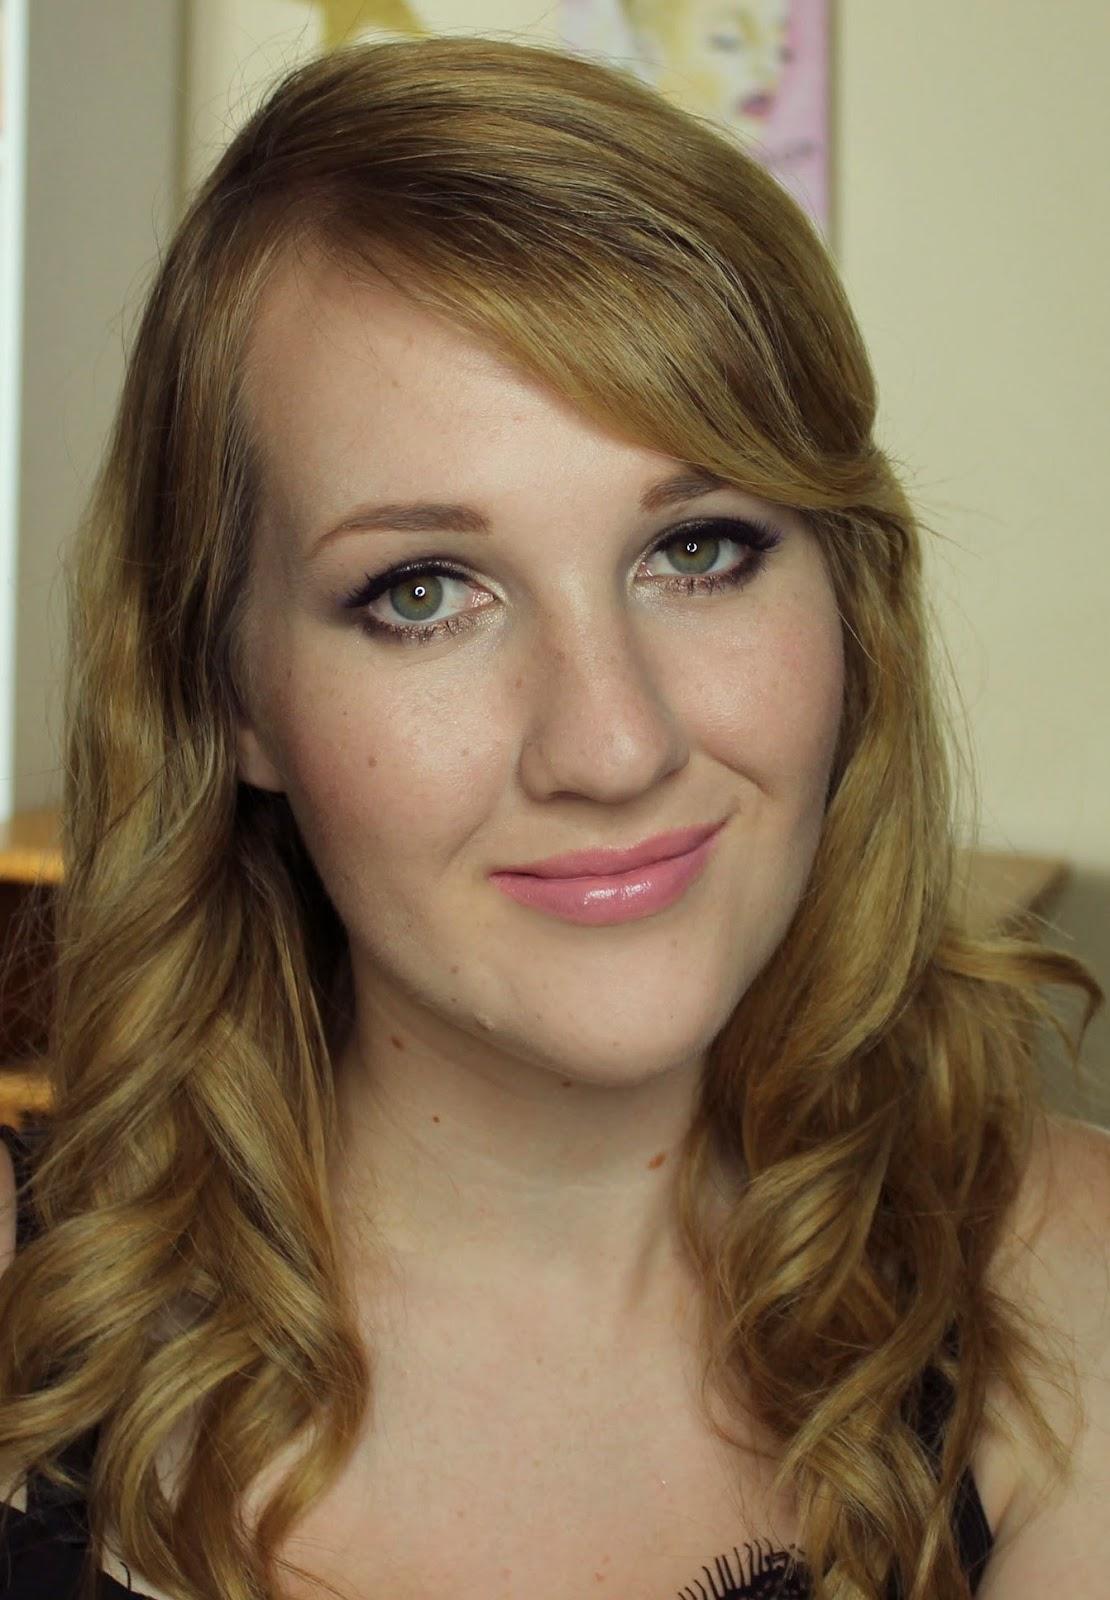 ZA Vibrant Moist Lipstick - PK291s swatches & review